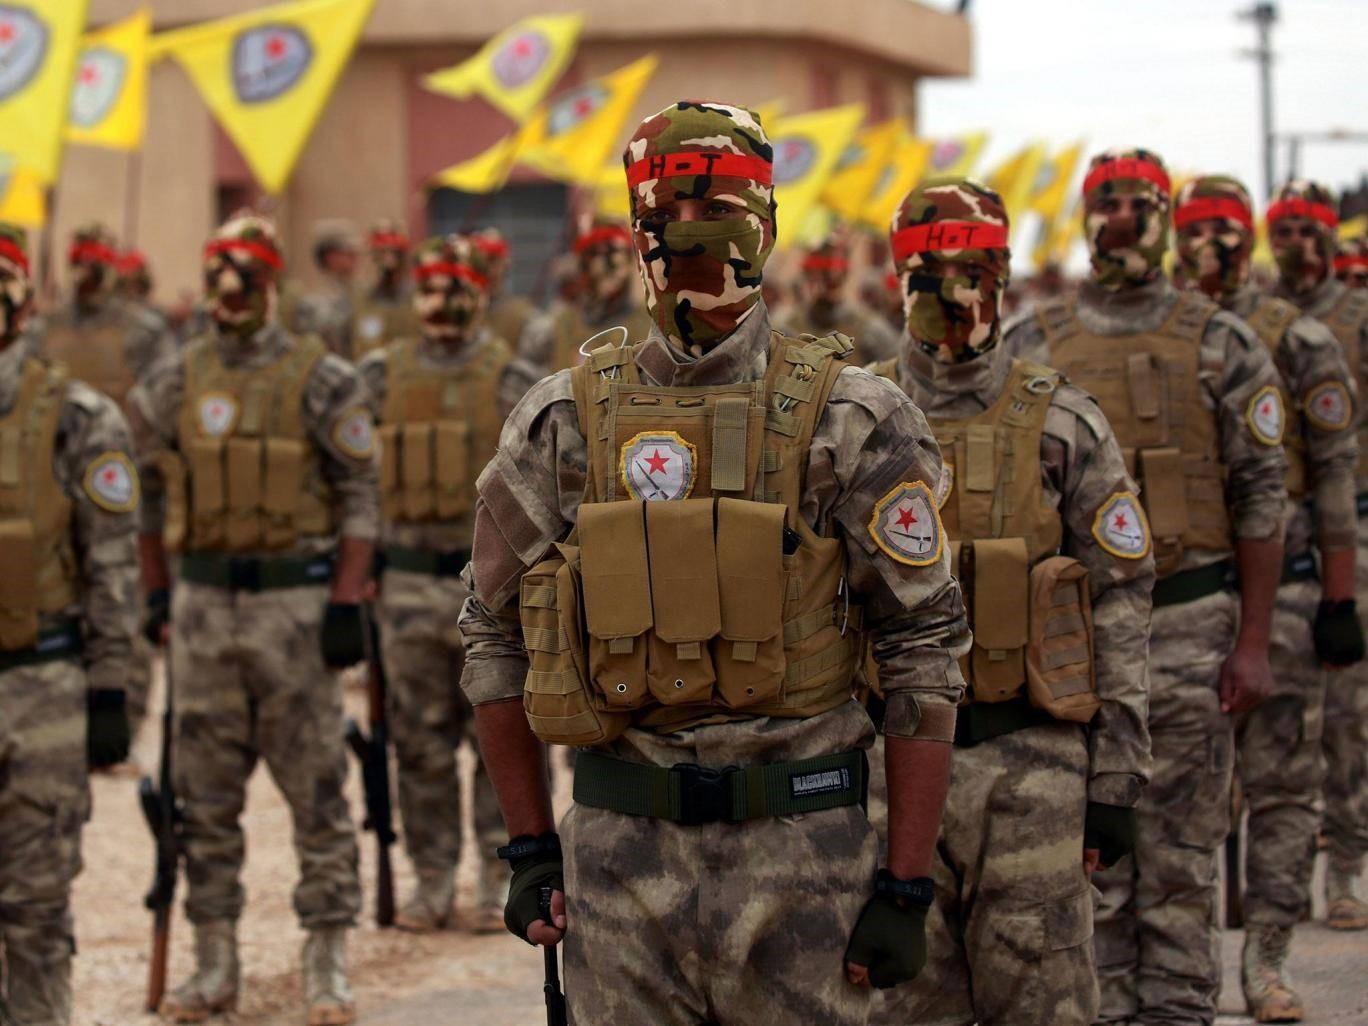 مقاتلون عرب وكرد يشاركون في حفل تخريج في القامشلي الأسبوع الماضي, وهم يشهدون عودة داعش إلى خط الجبهة/ فرانس برس